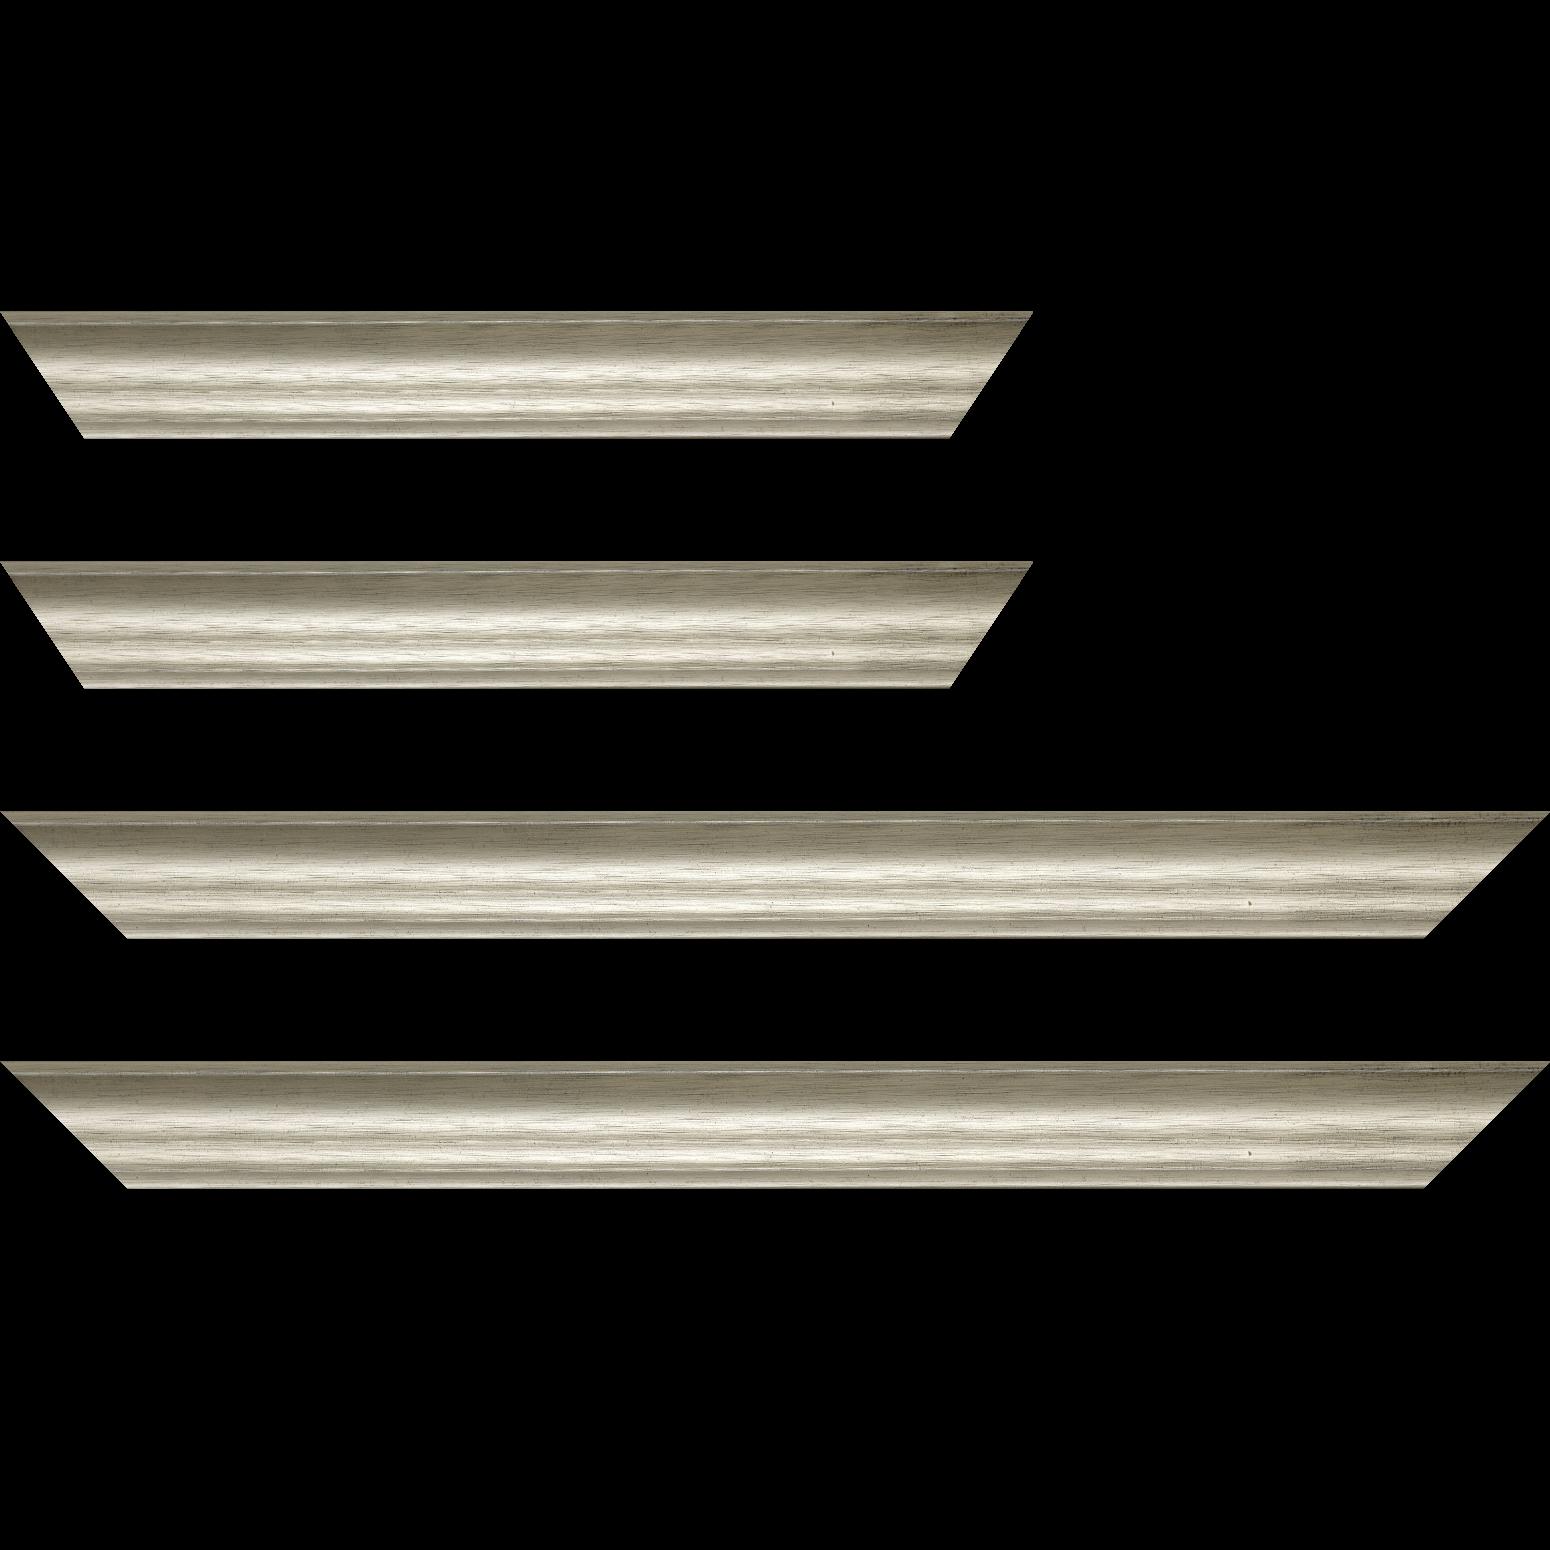 Baguette service précoupé Bois profil incurvé largeur 4.2cm argent chaud  finition nature